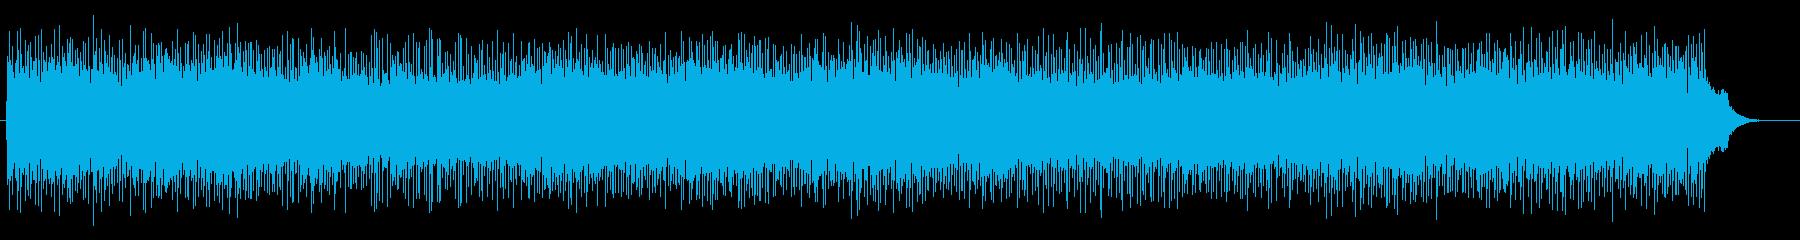 宇宙感や近未来のシンセサイザーサウンドの再生済みの波形